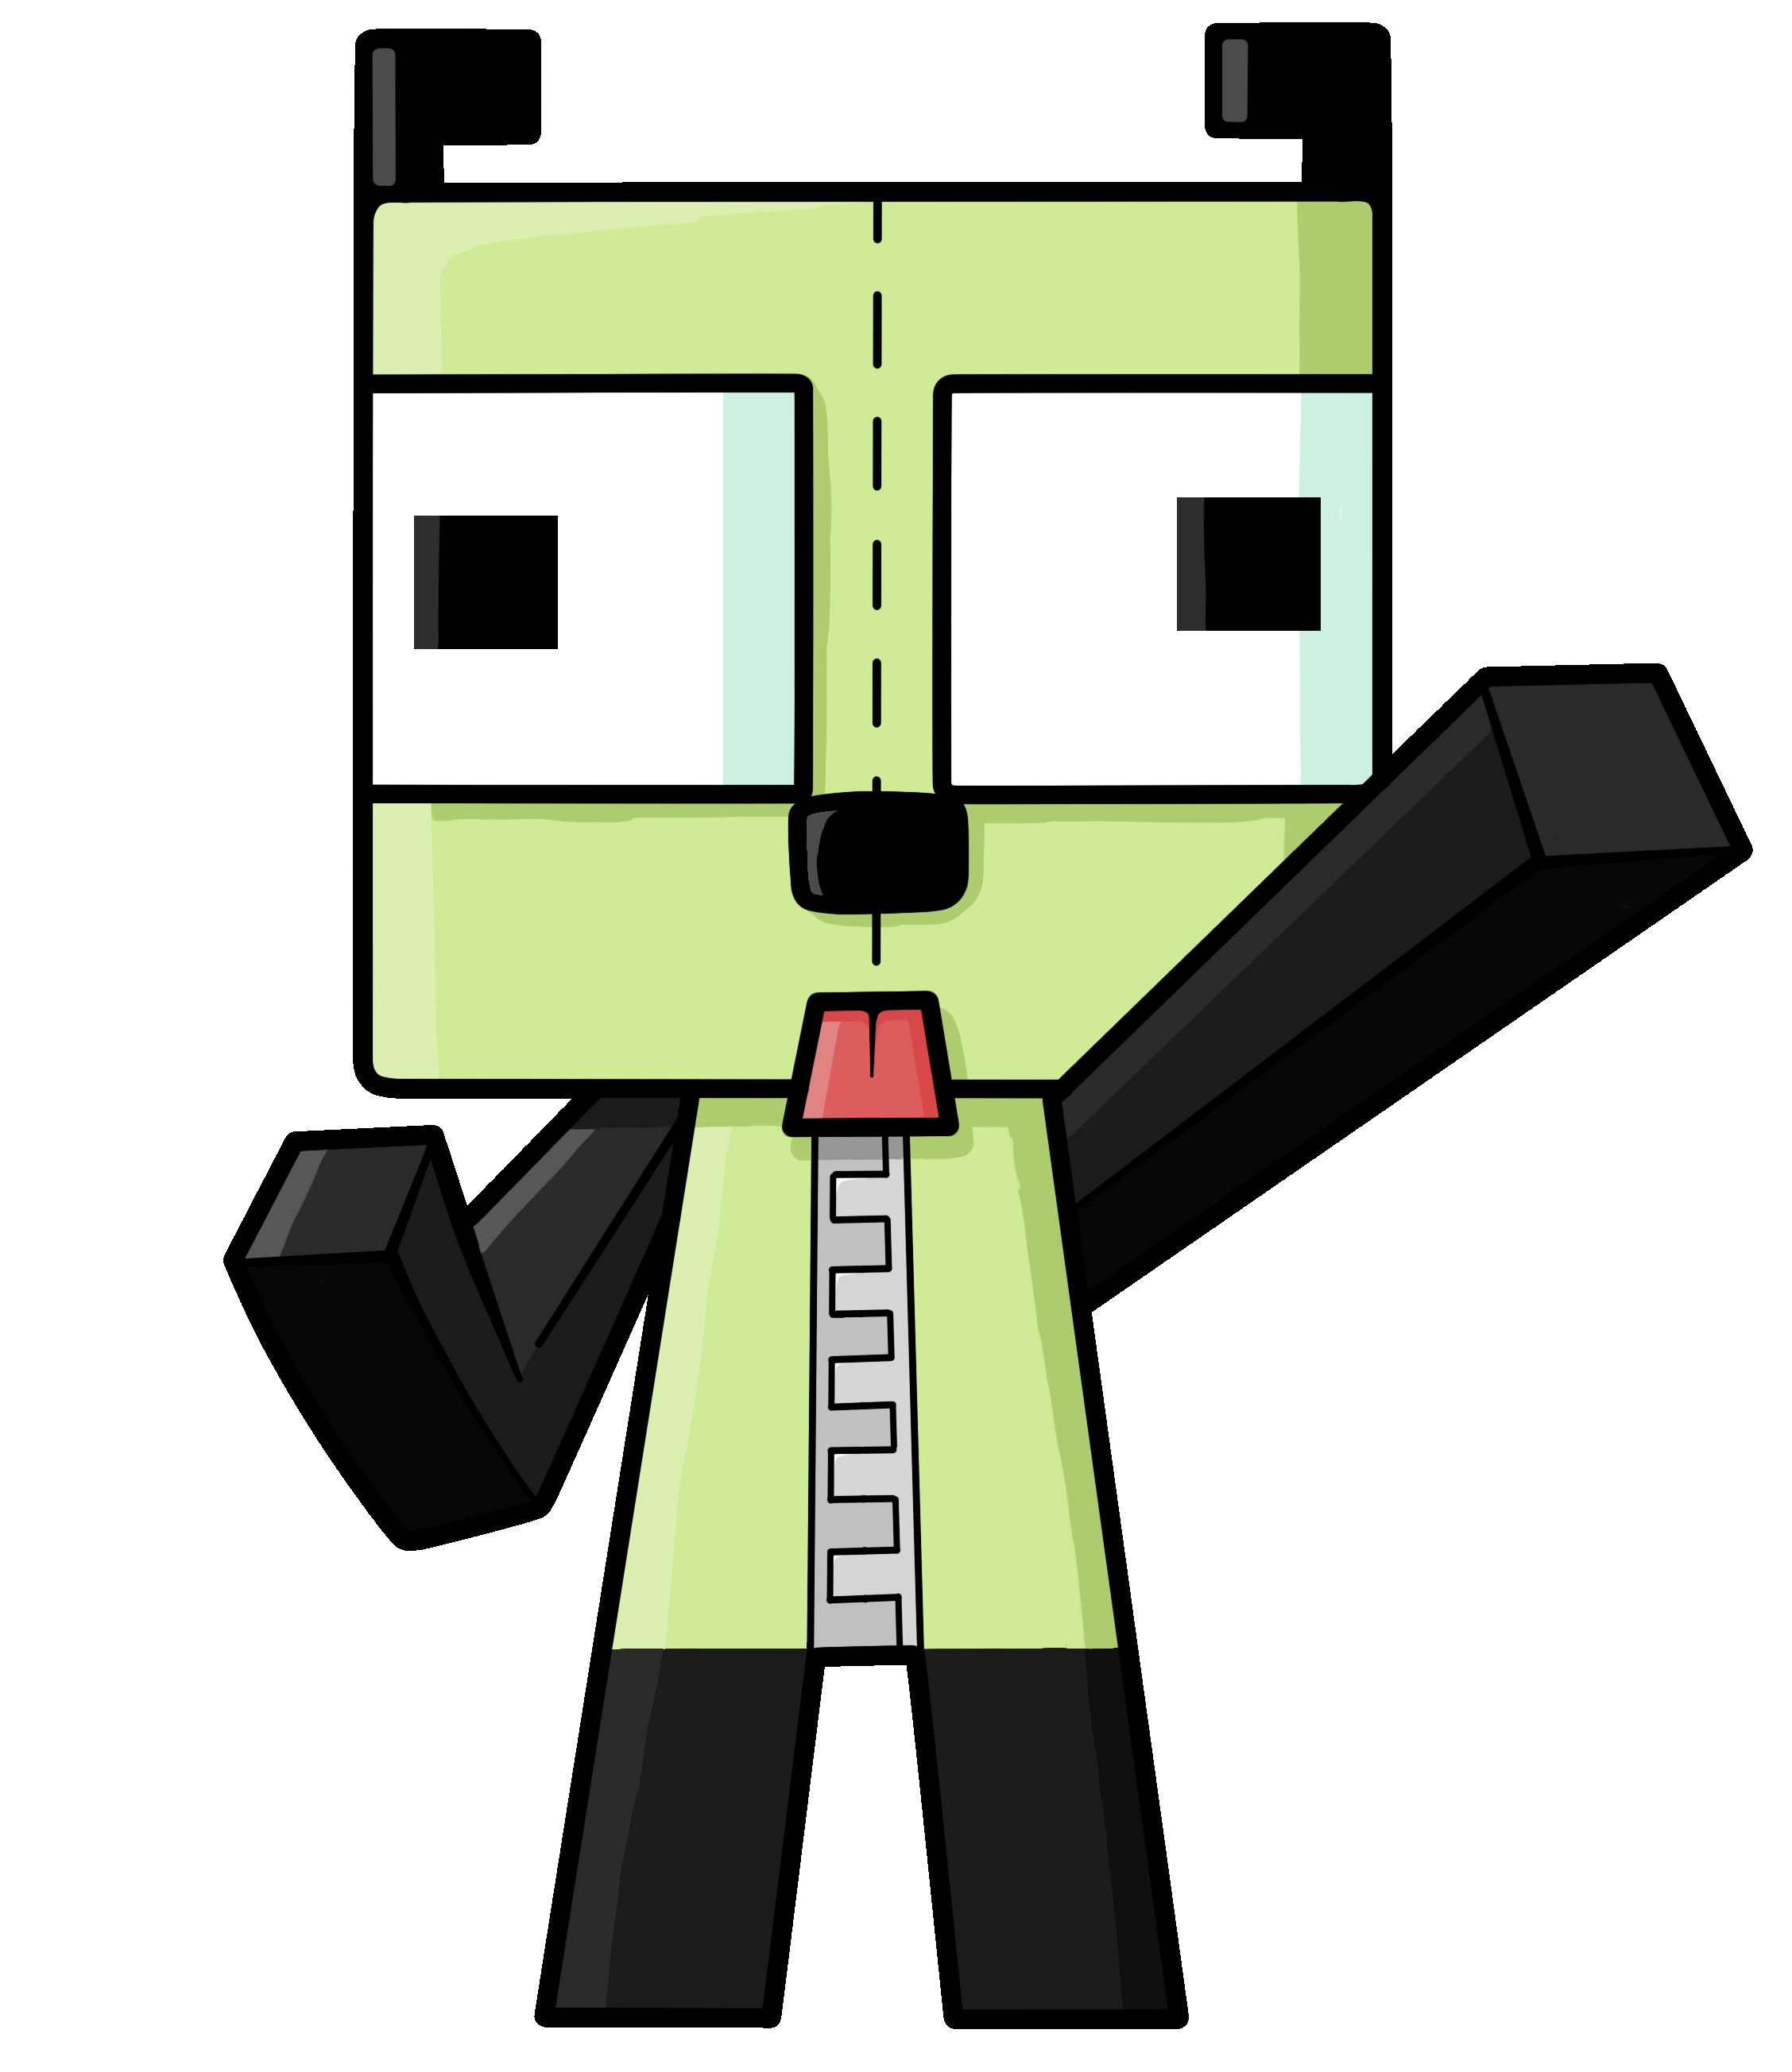 Eatmydictions Minecraft Skin By IshmanAllenLitchmore On DeviantArt - Minecraft skins fur cracked version